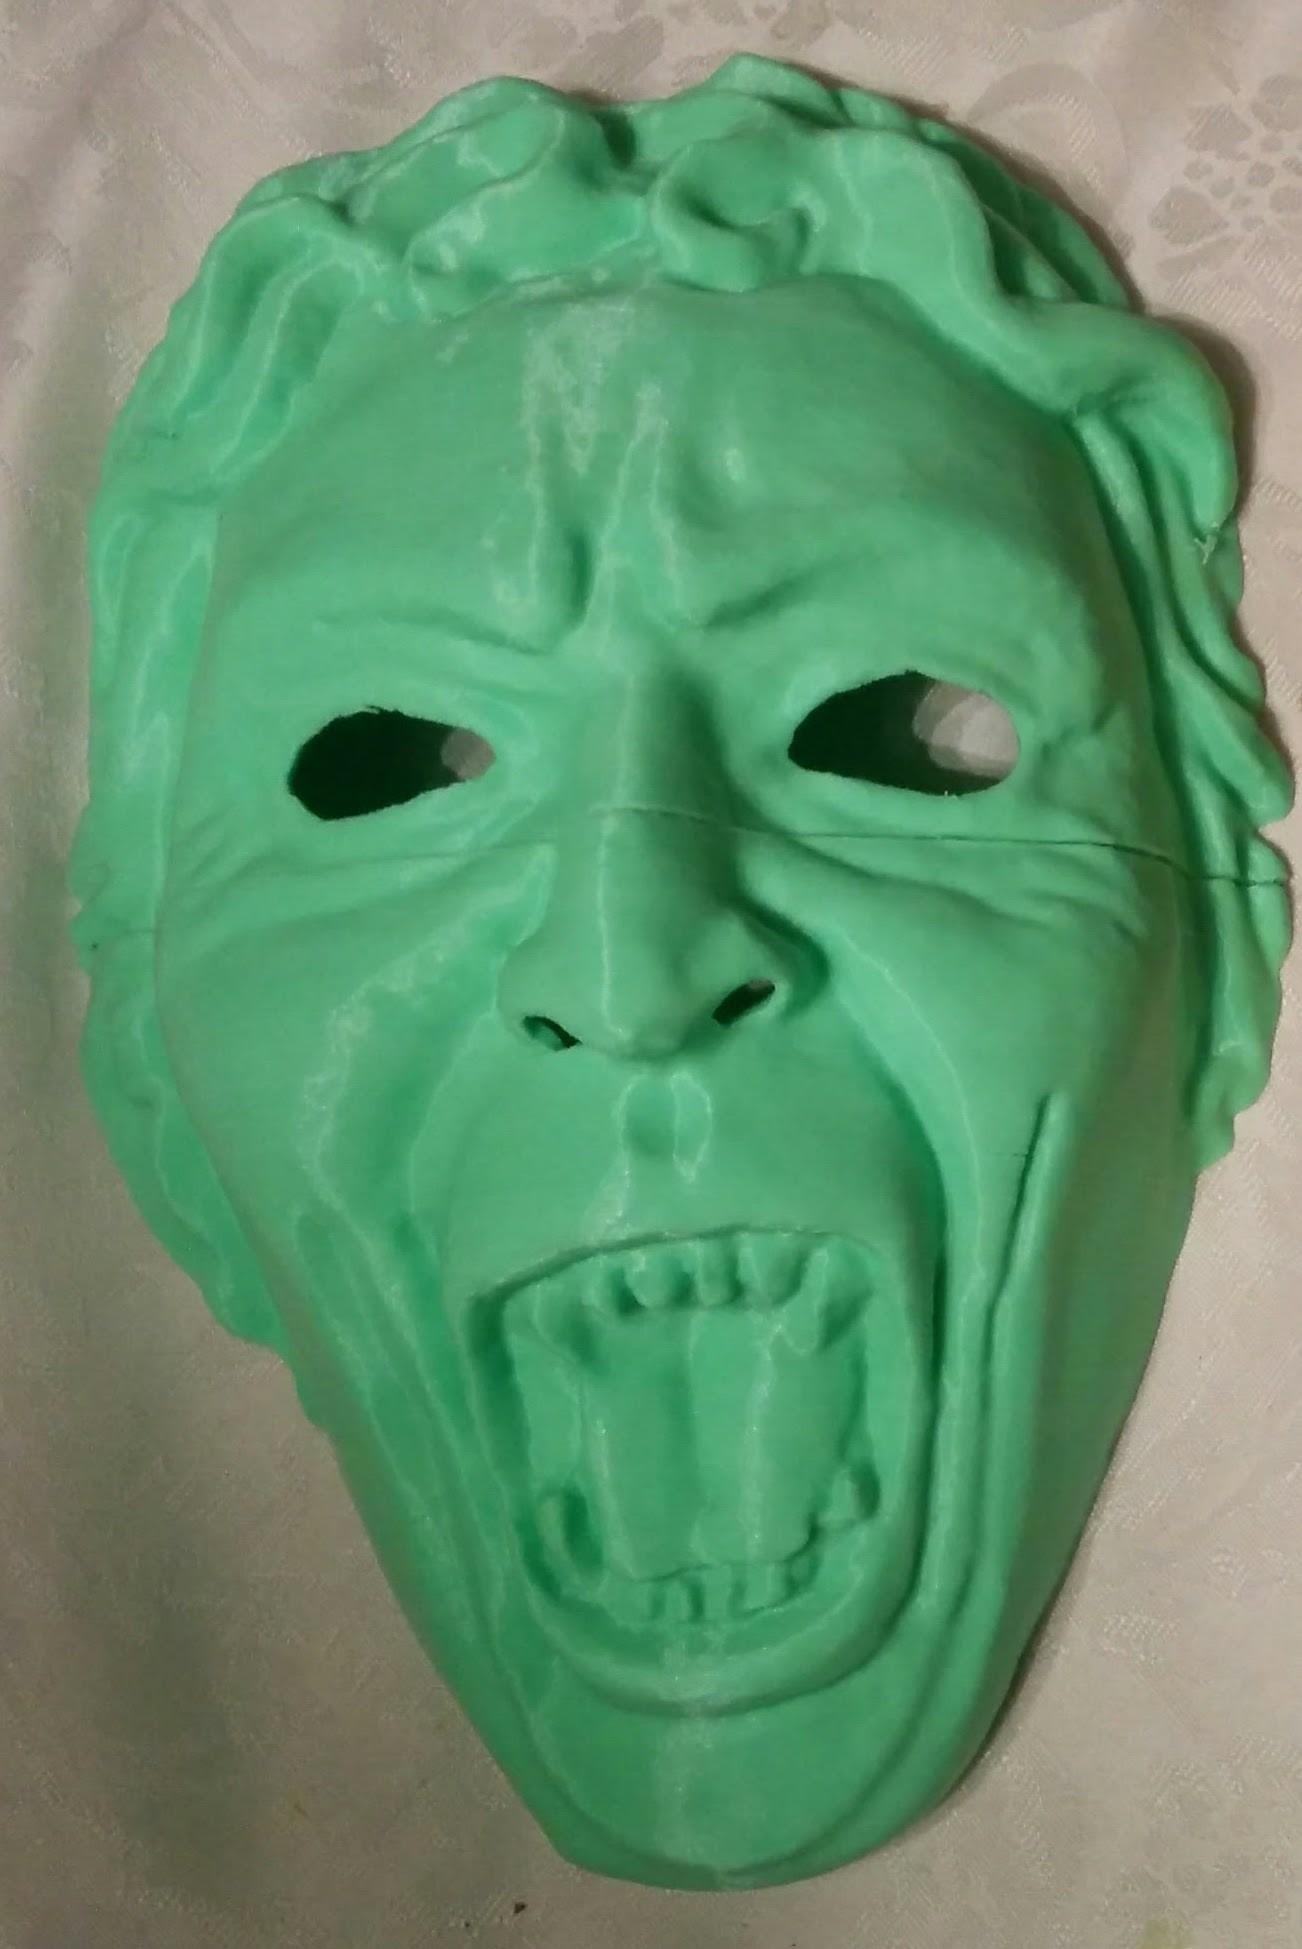 IMG_20180101_220101.jpg Download free STL file Weeping Angel Mask • 3D printer design, BenjaminKrygsheld